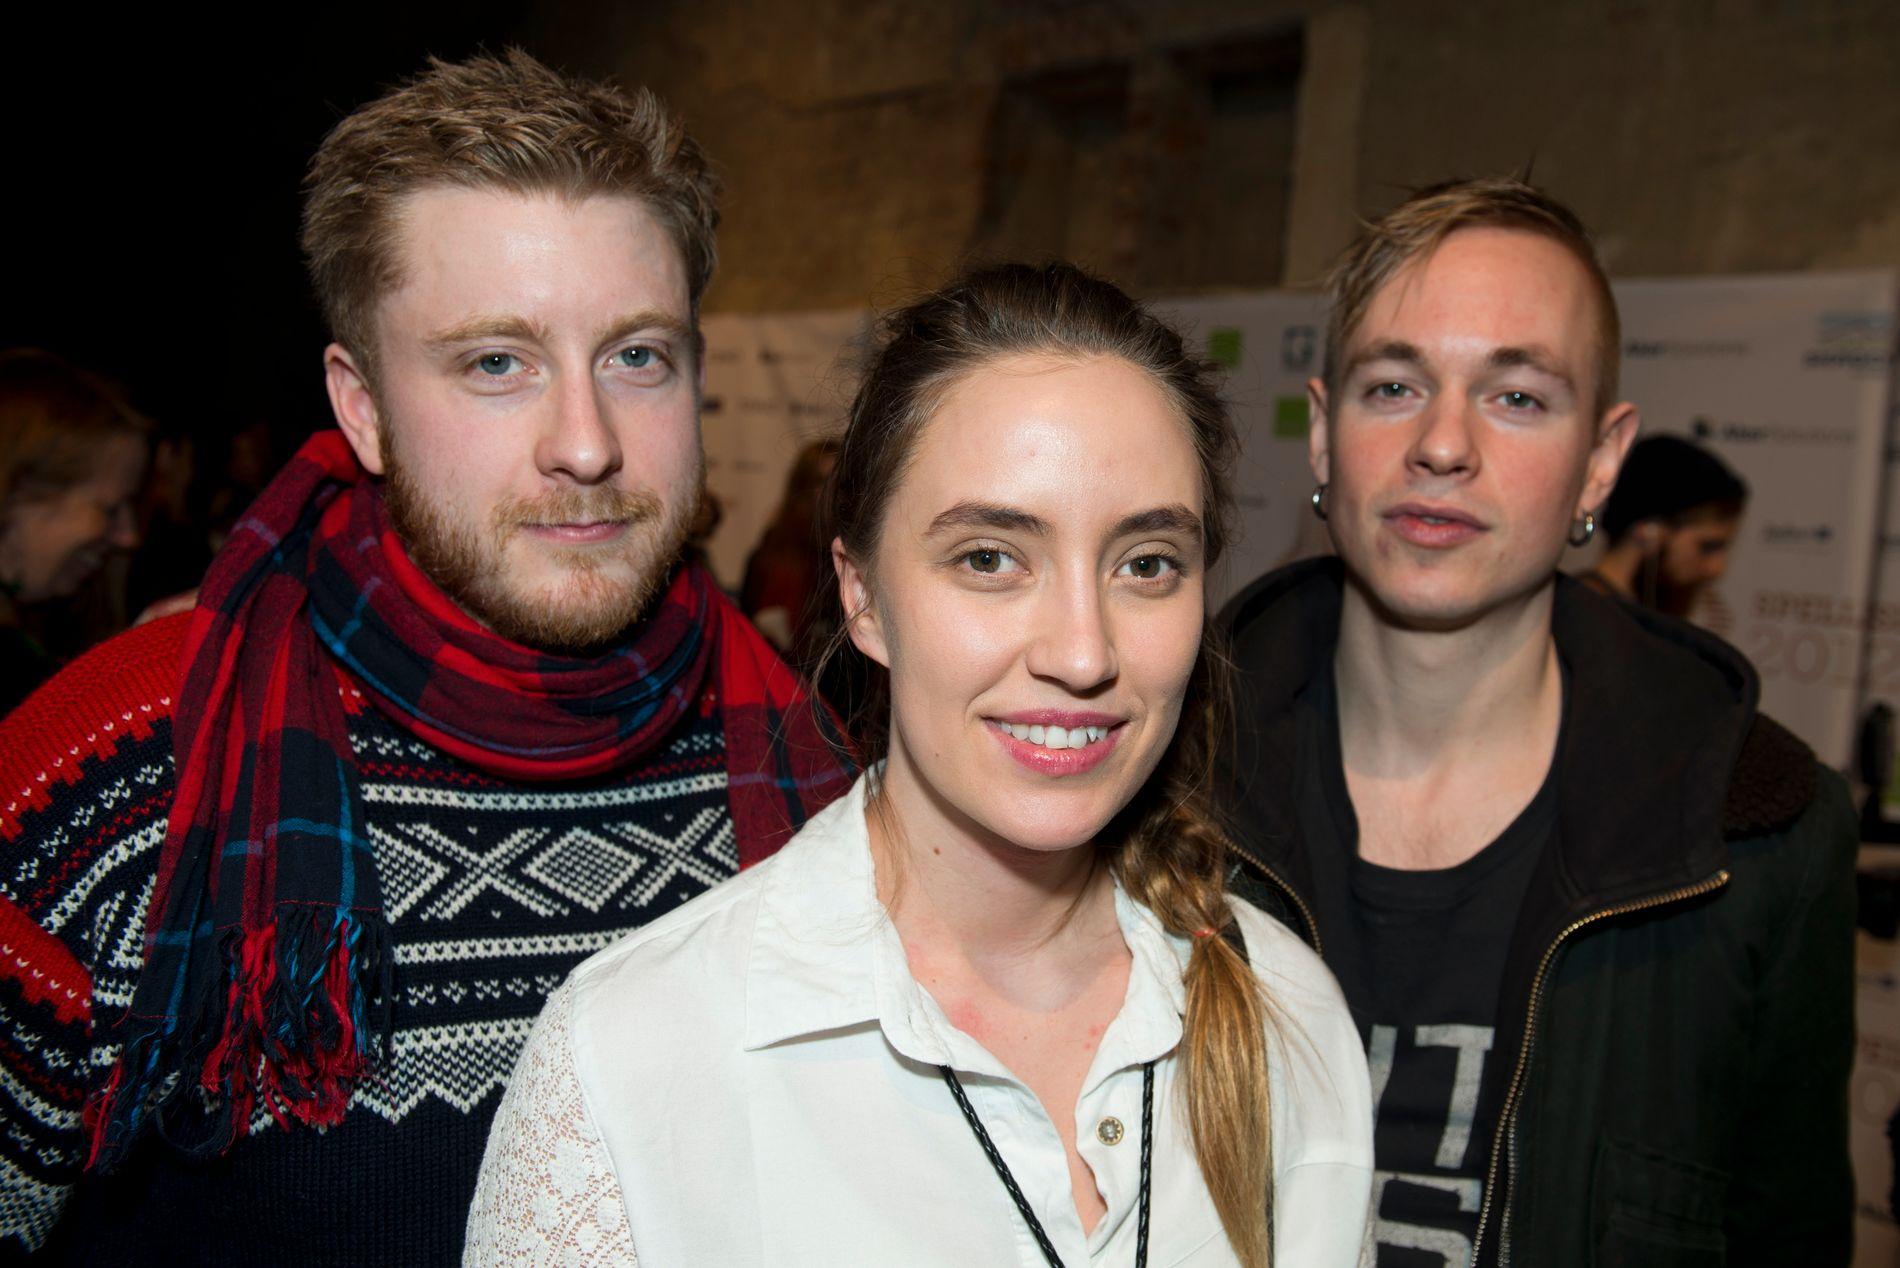 TIDLIG UTGAVE: Øystein Skar (t.v.) var den første som slo følge med Ingrid Helene Håvik og Trond Bersu i Highasakite, i 2011. Eberson og Lo ble med i 2012.